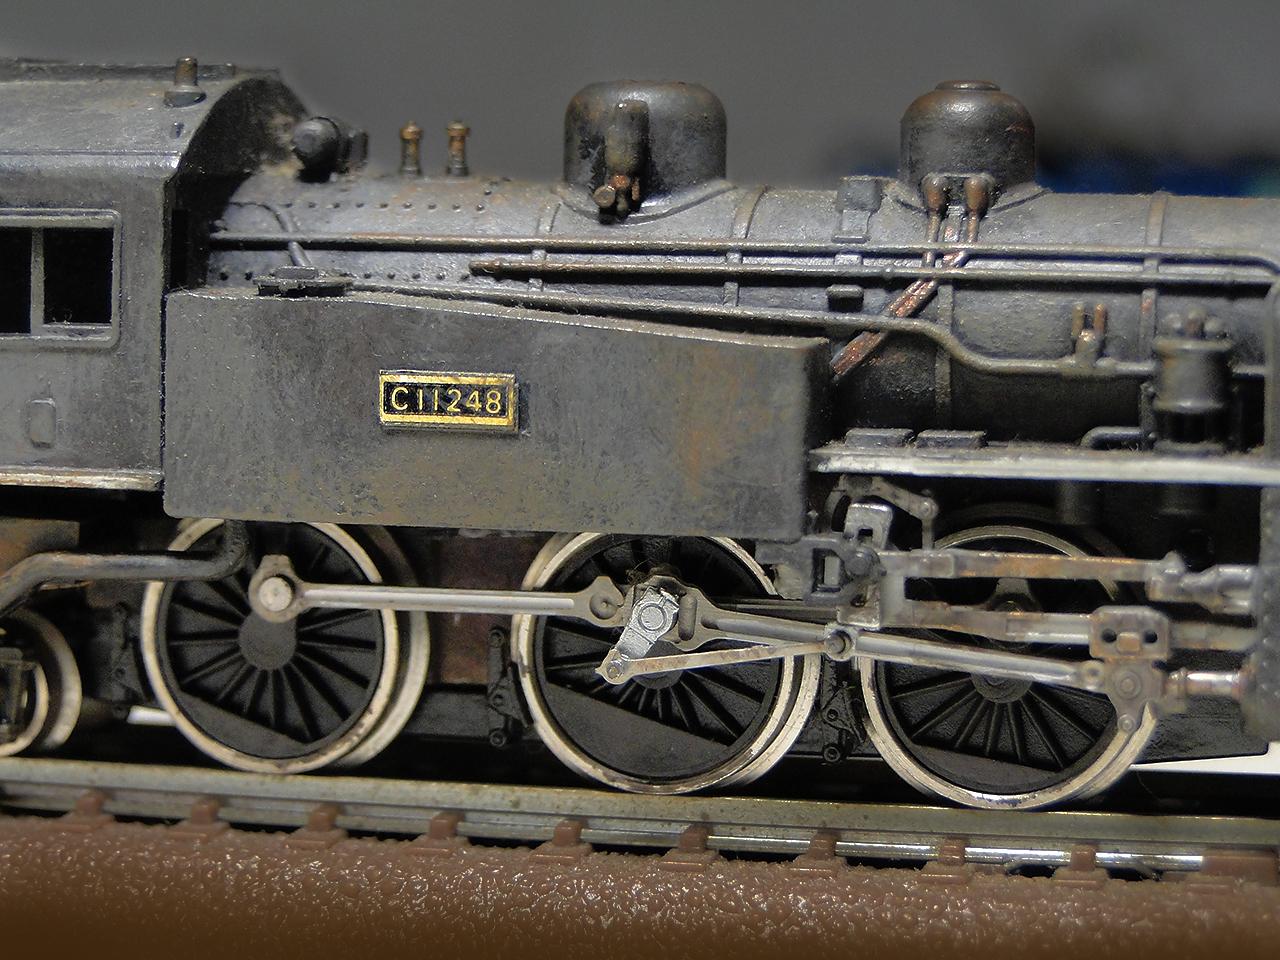 http://moritetsu.info/model-railway/img/DSC06311sssss.jpg